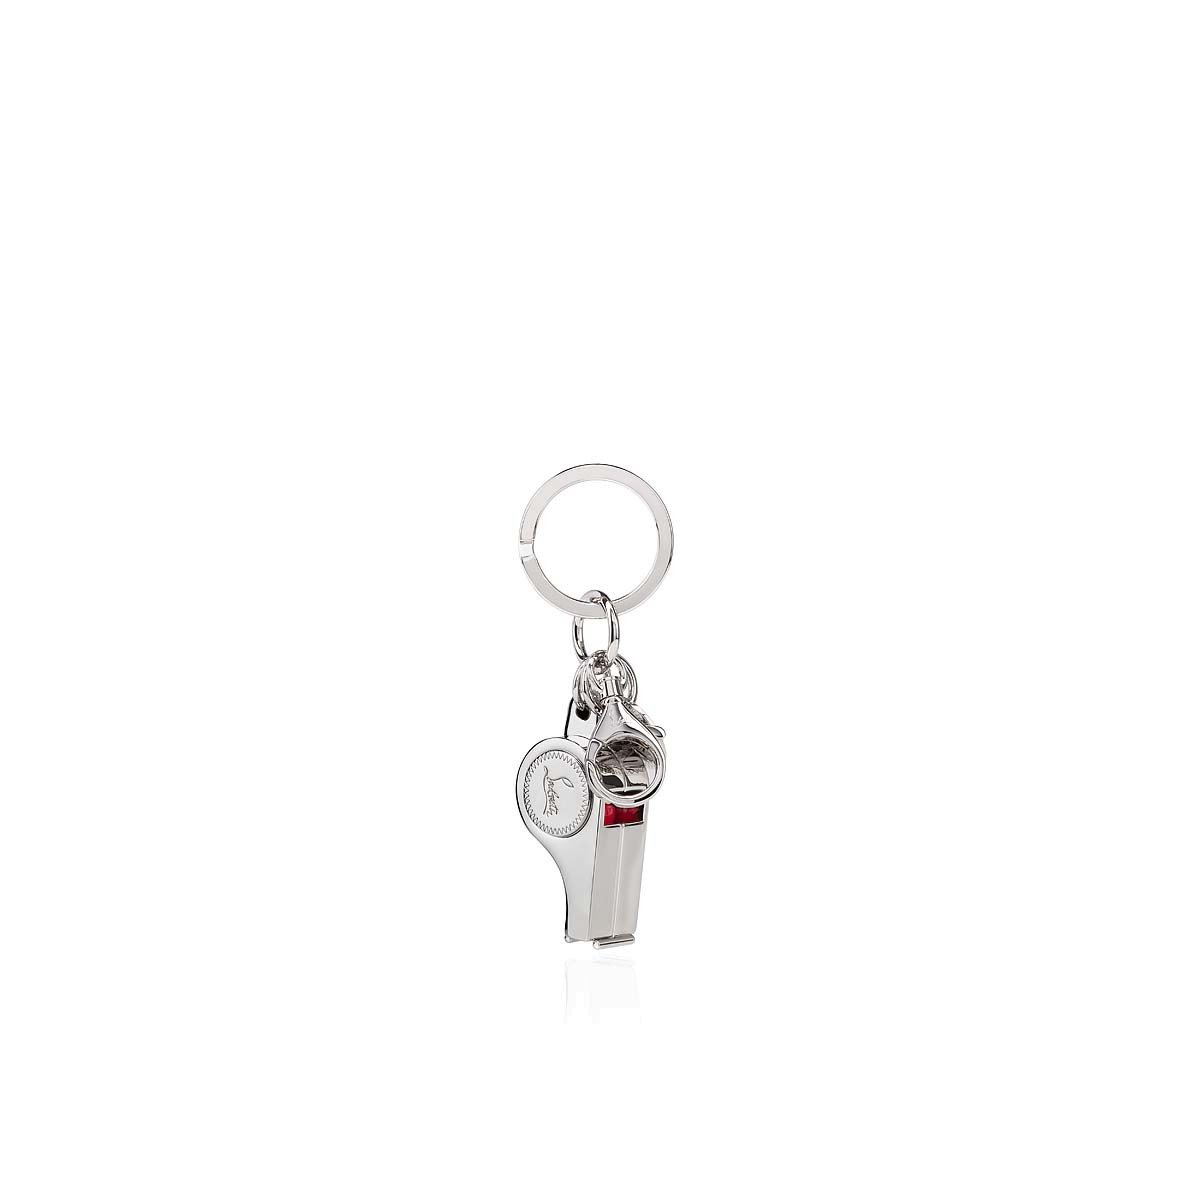 レザーグッズ - Whistle Keyring - Christian Louboutin